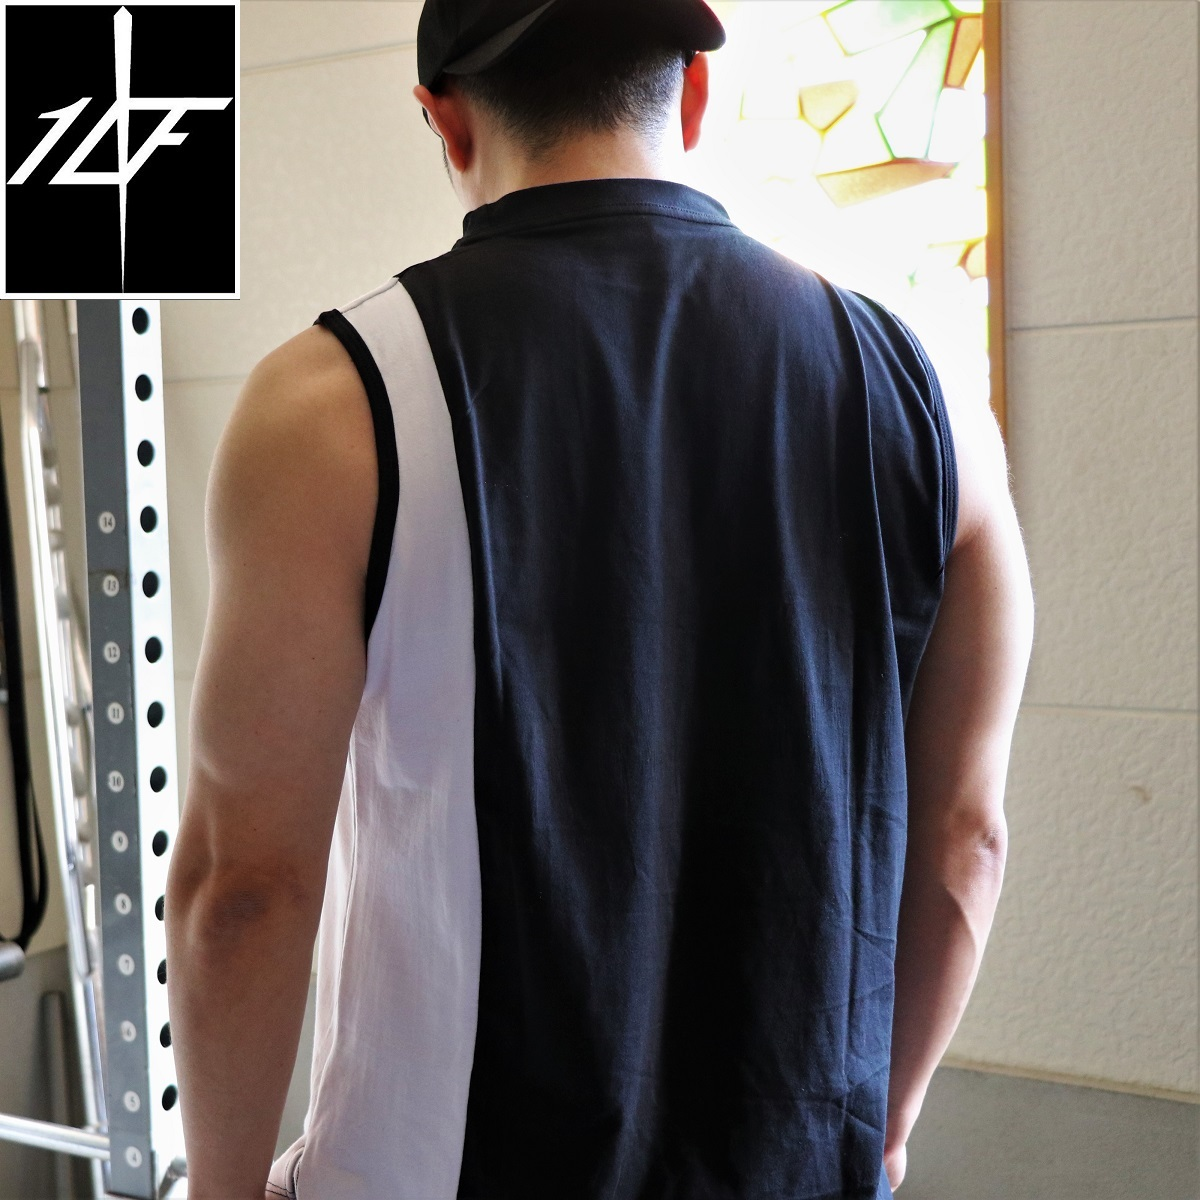 10FIT タンクトップ トレーニング 筋トレ ボディビル メンズ TT-25 黒白